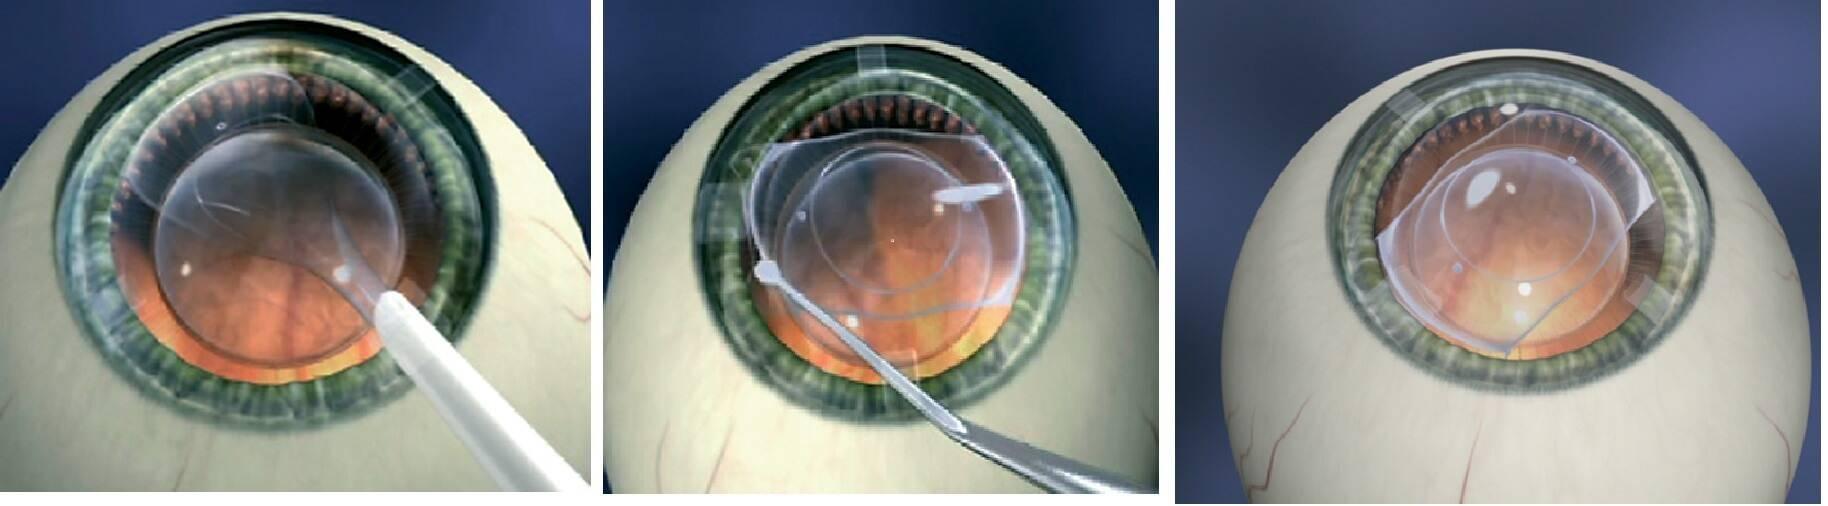 Факоэмульсификация катаракты: операция удаления с имплантацией иол, вторичное лечение лазером, противопоказания к технике дисцизии